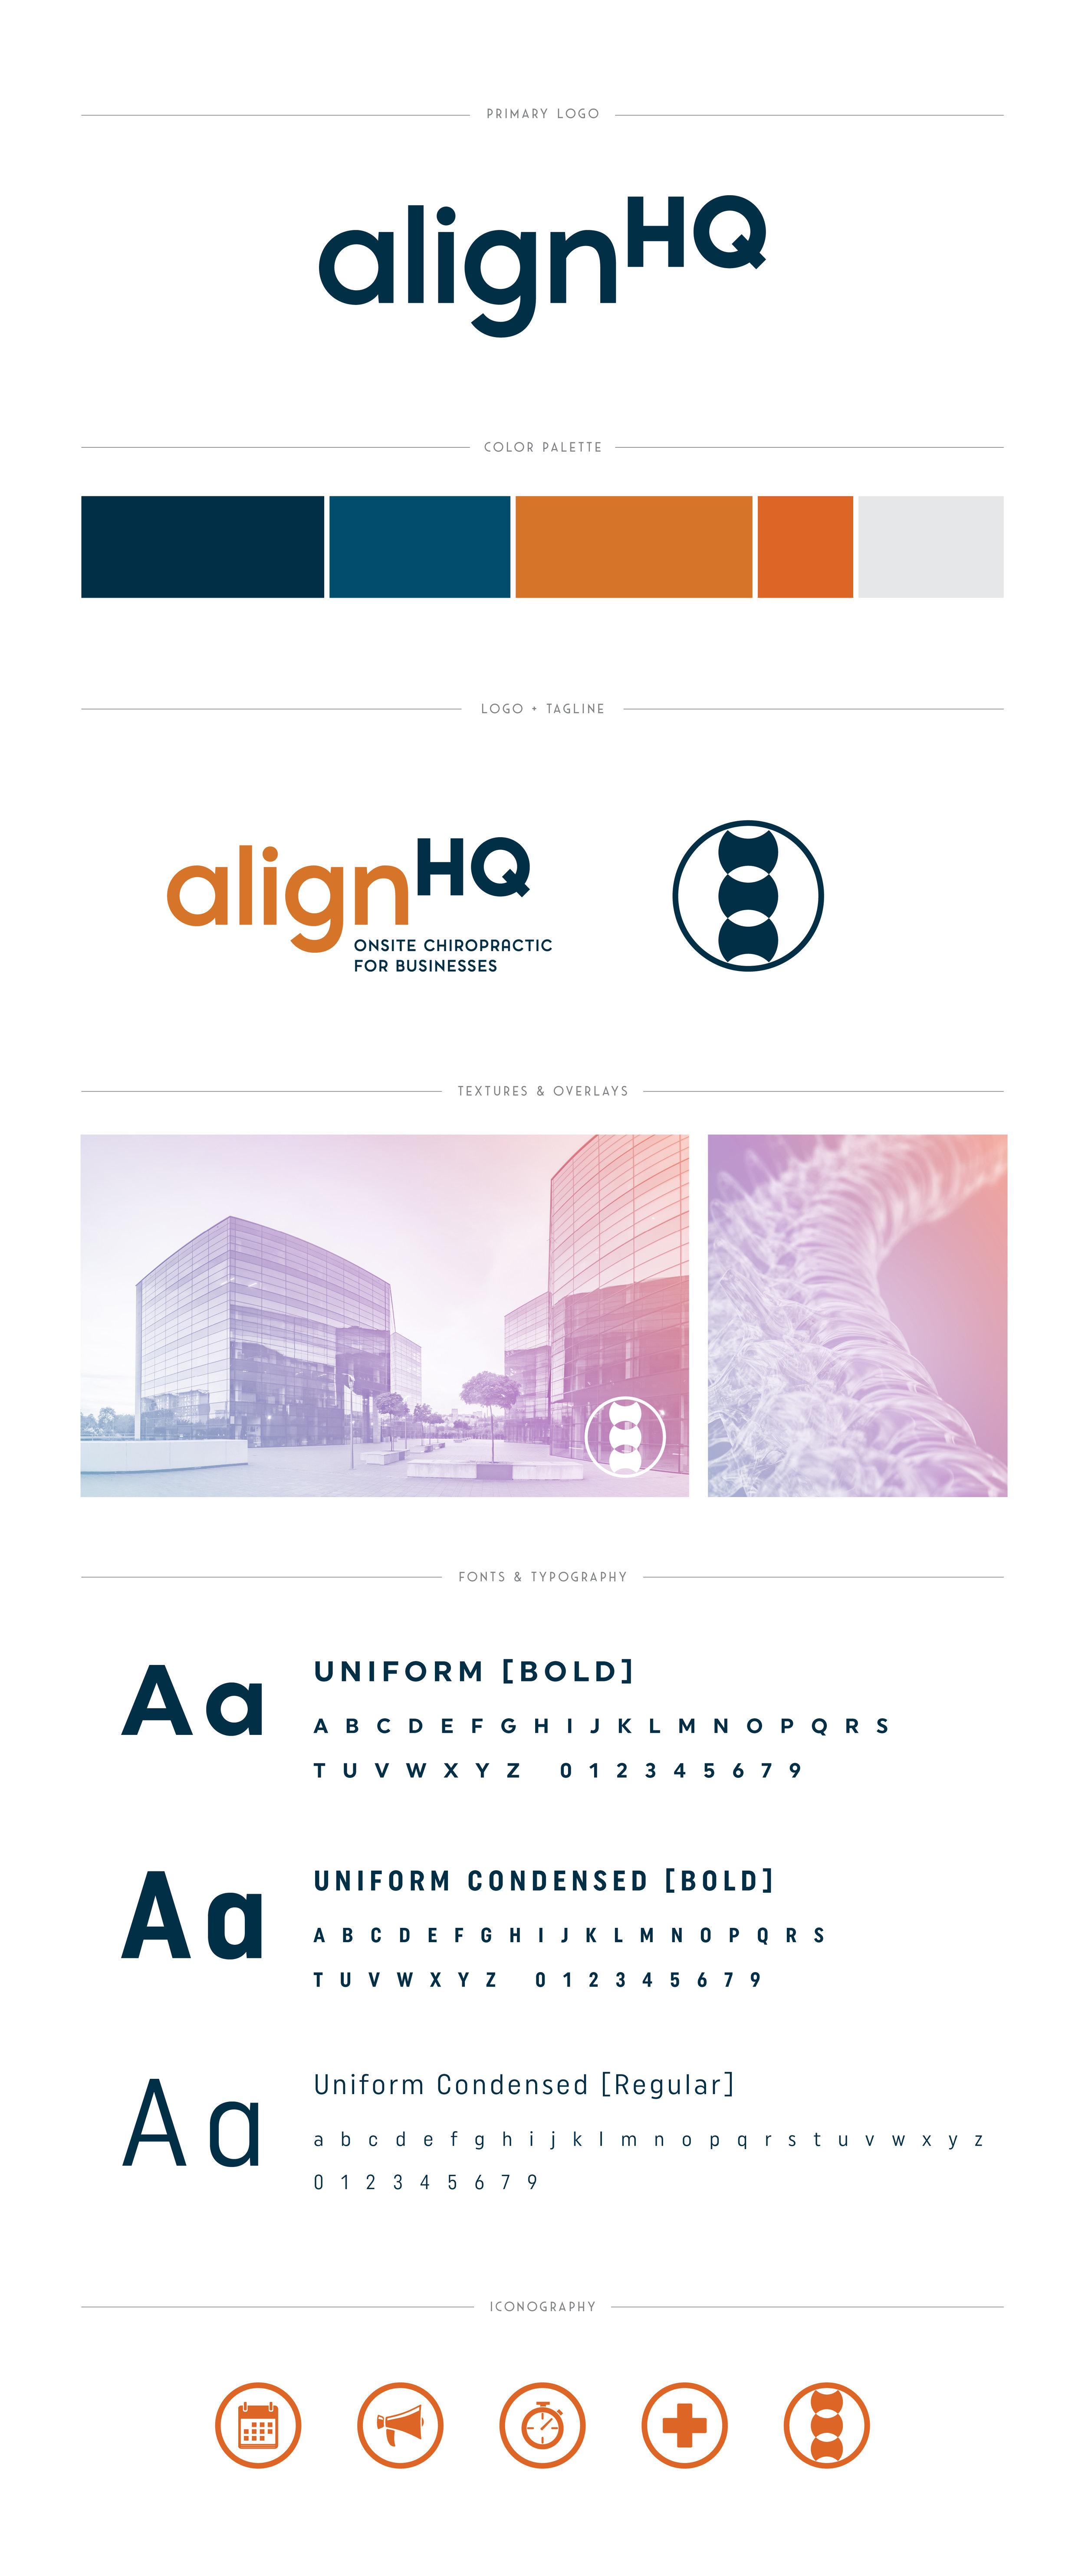 AlignHQ_BrandingSheet.jpg